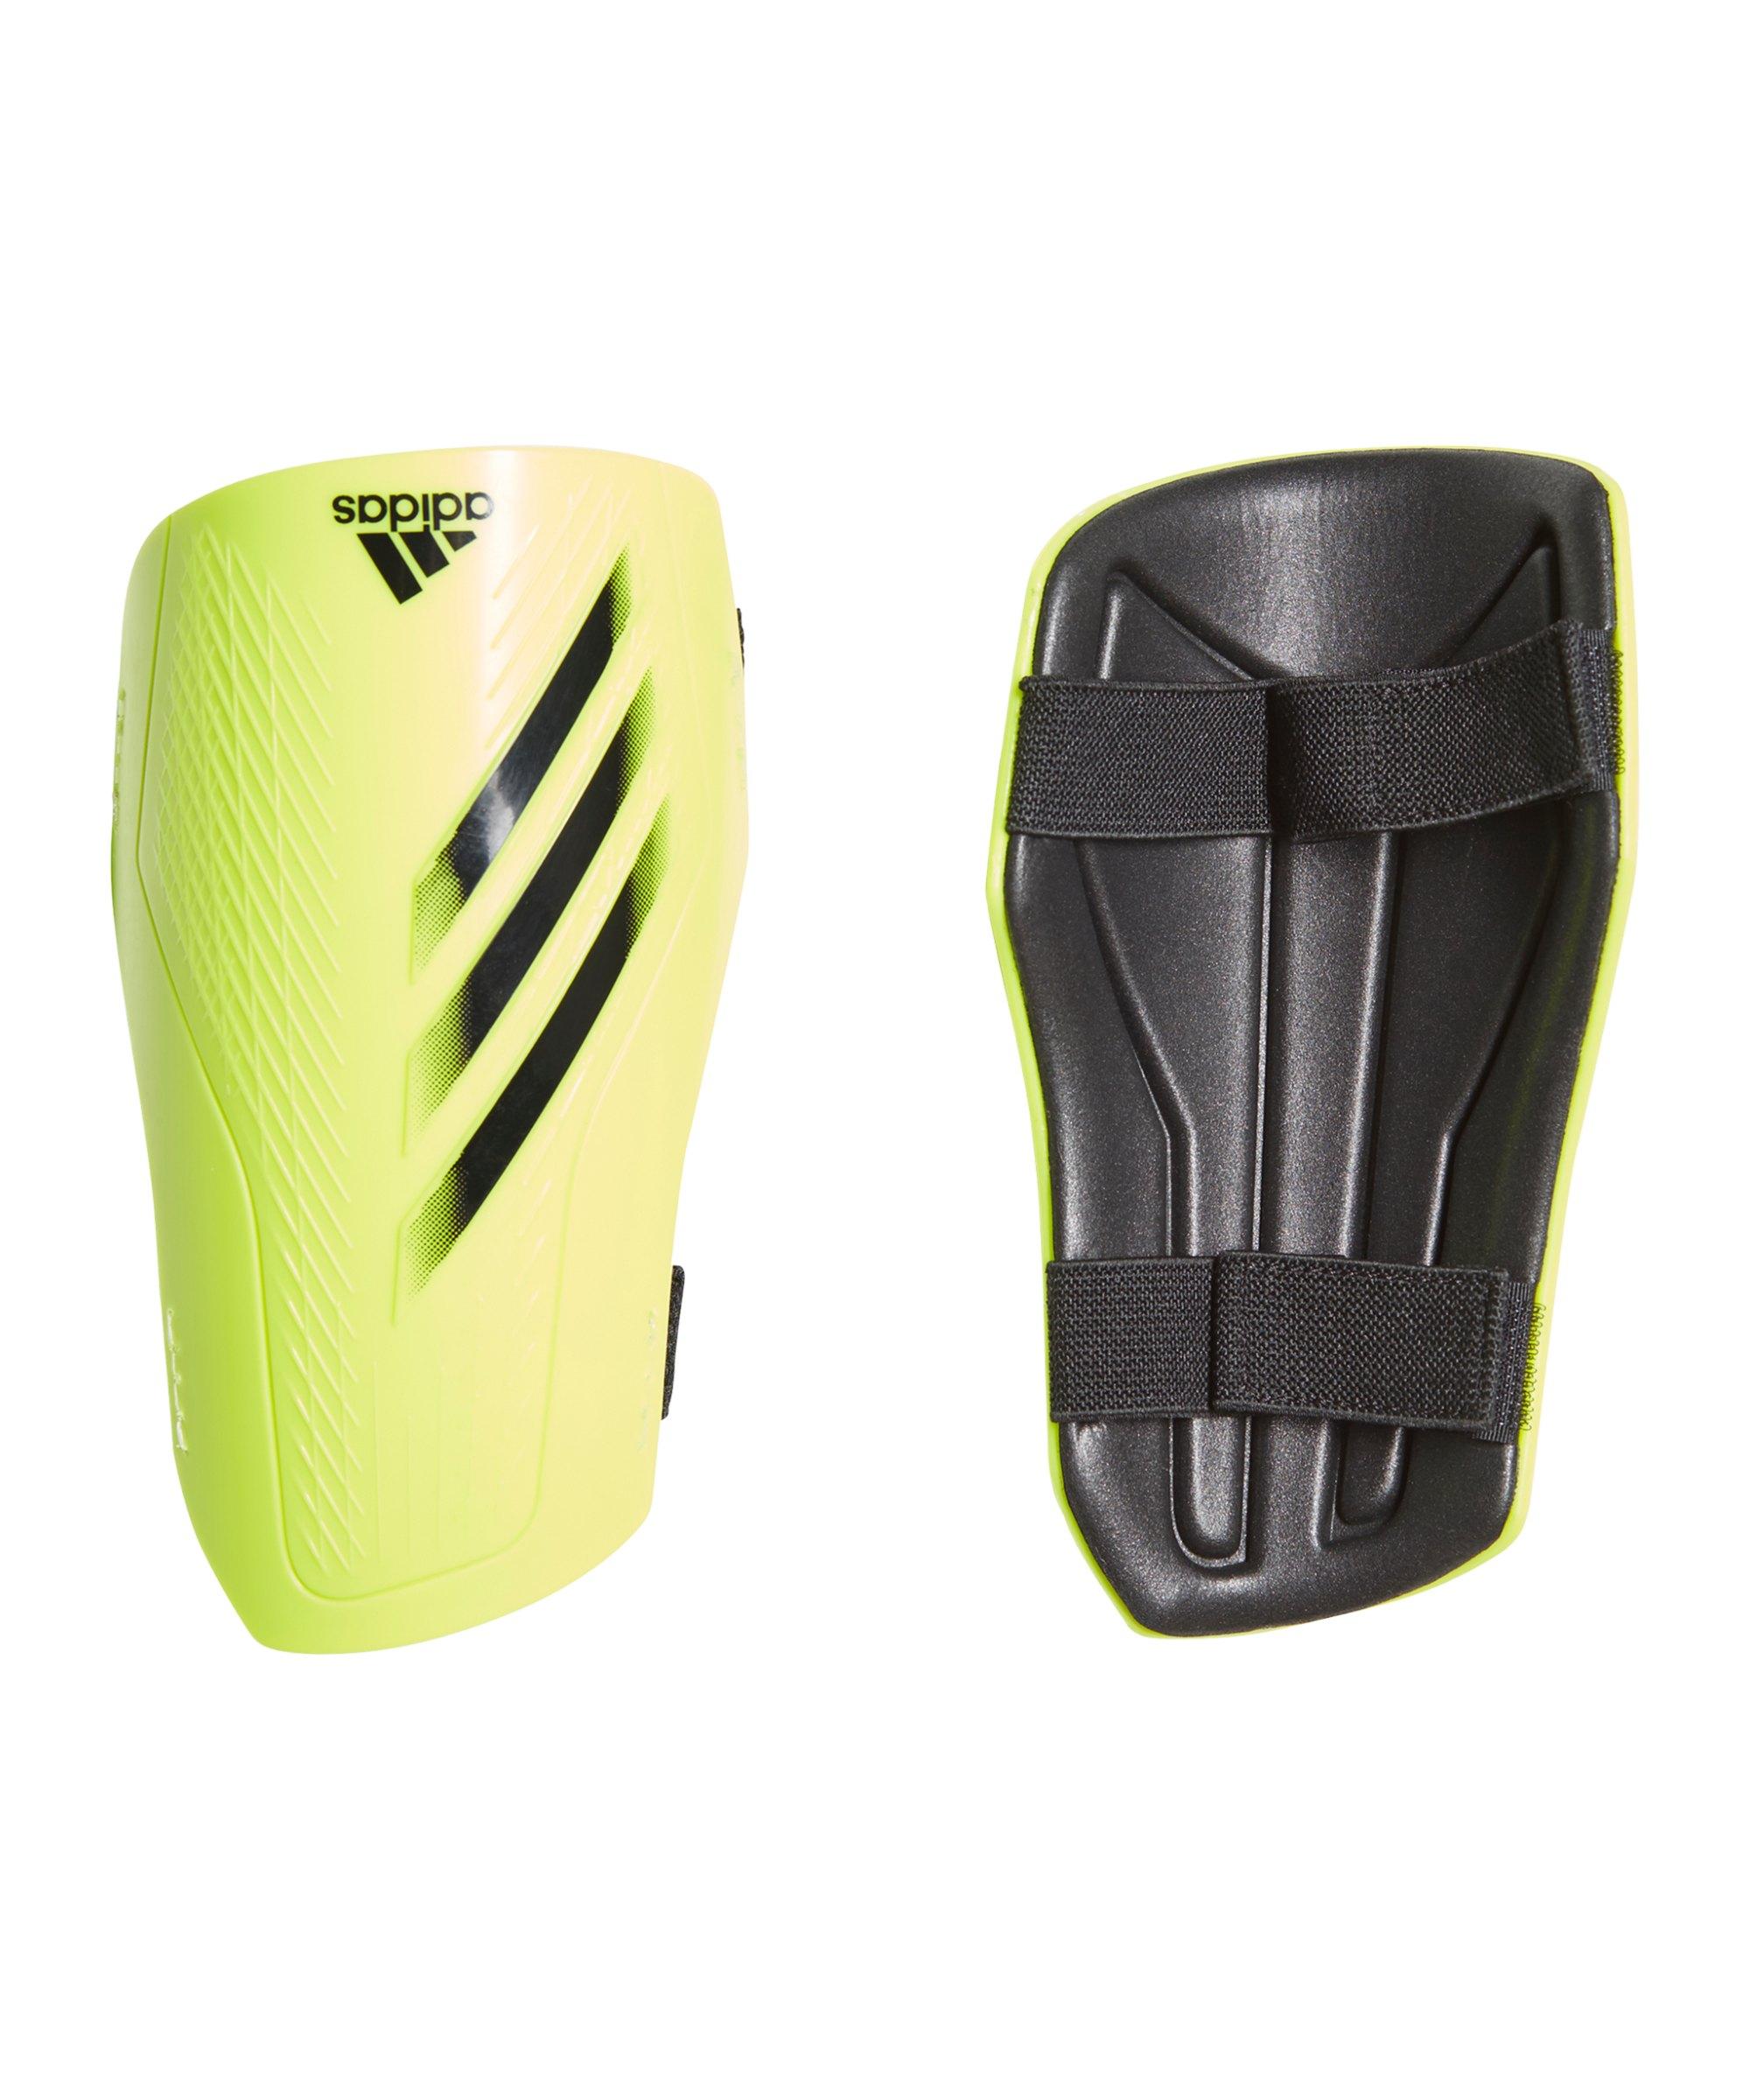 adidas X TRN Schienbeinschoner Gelb - gelb